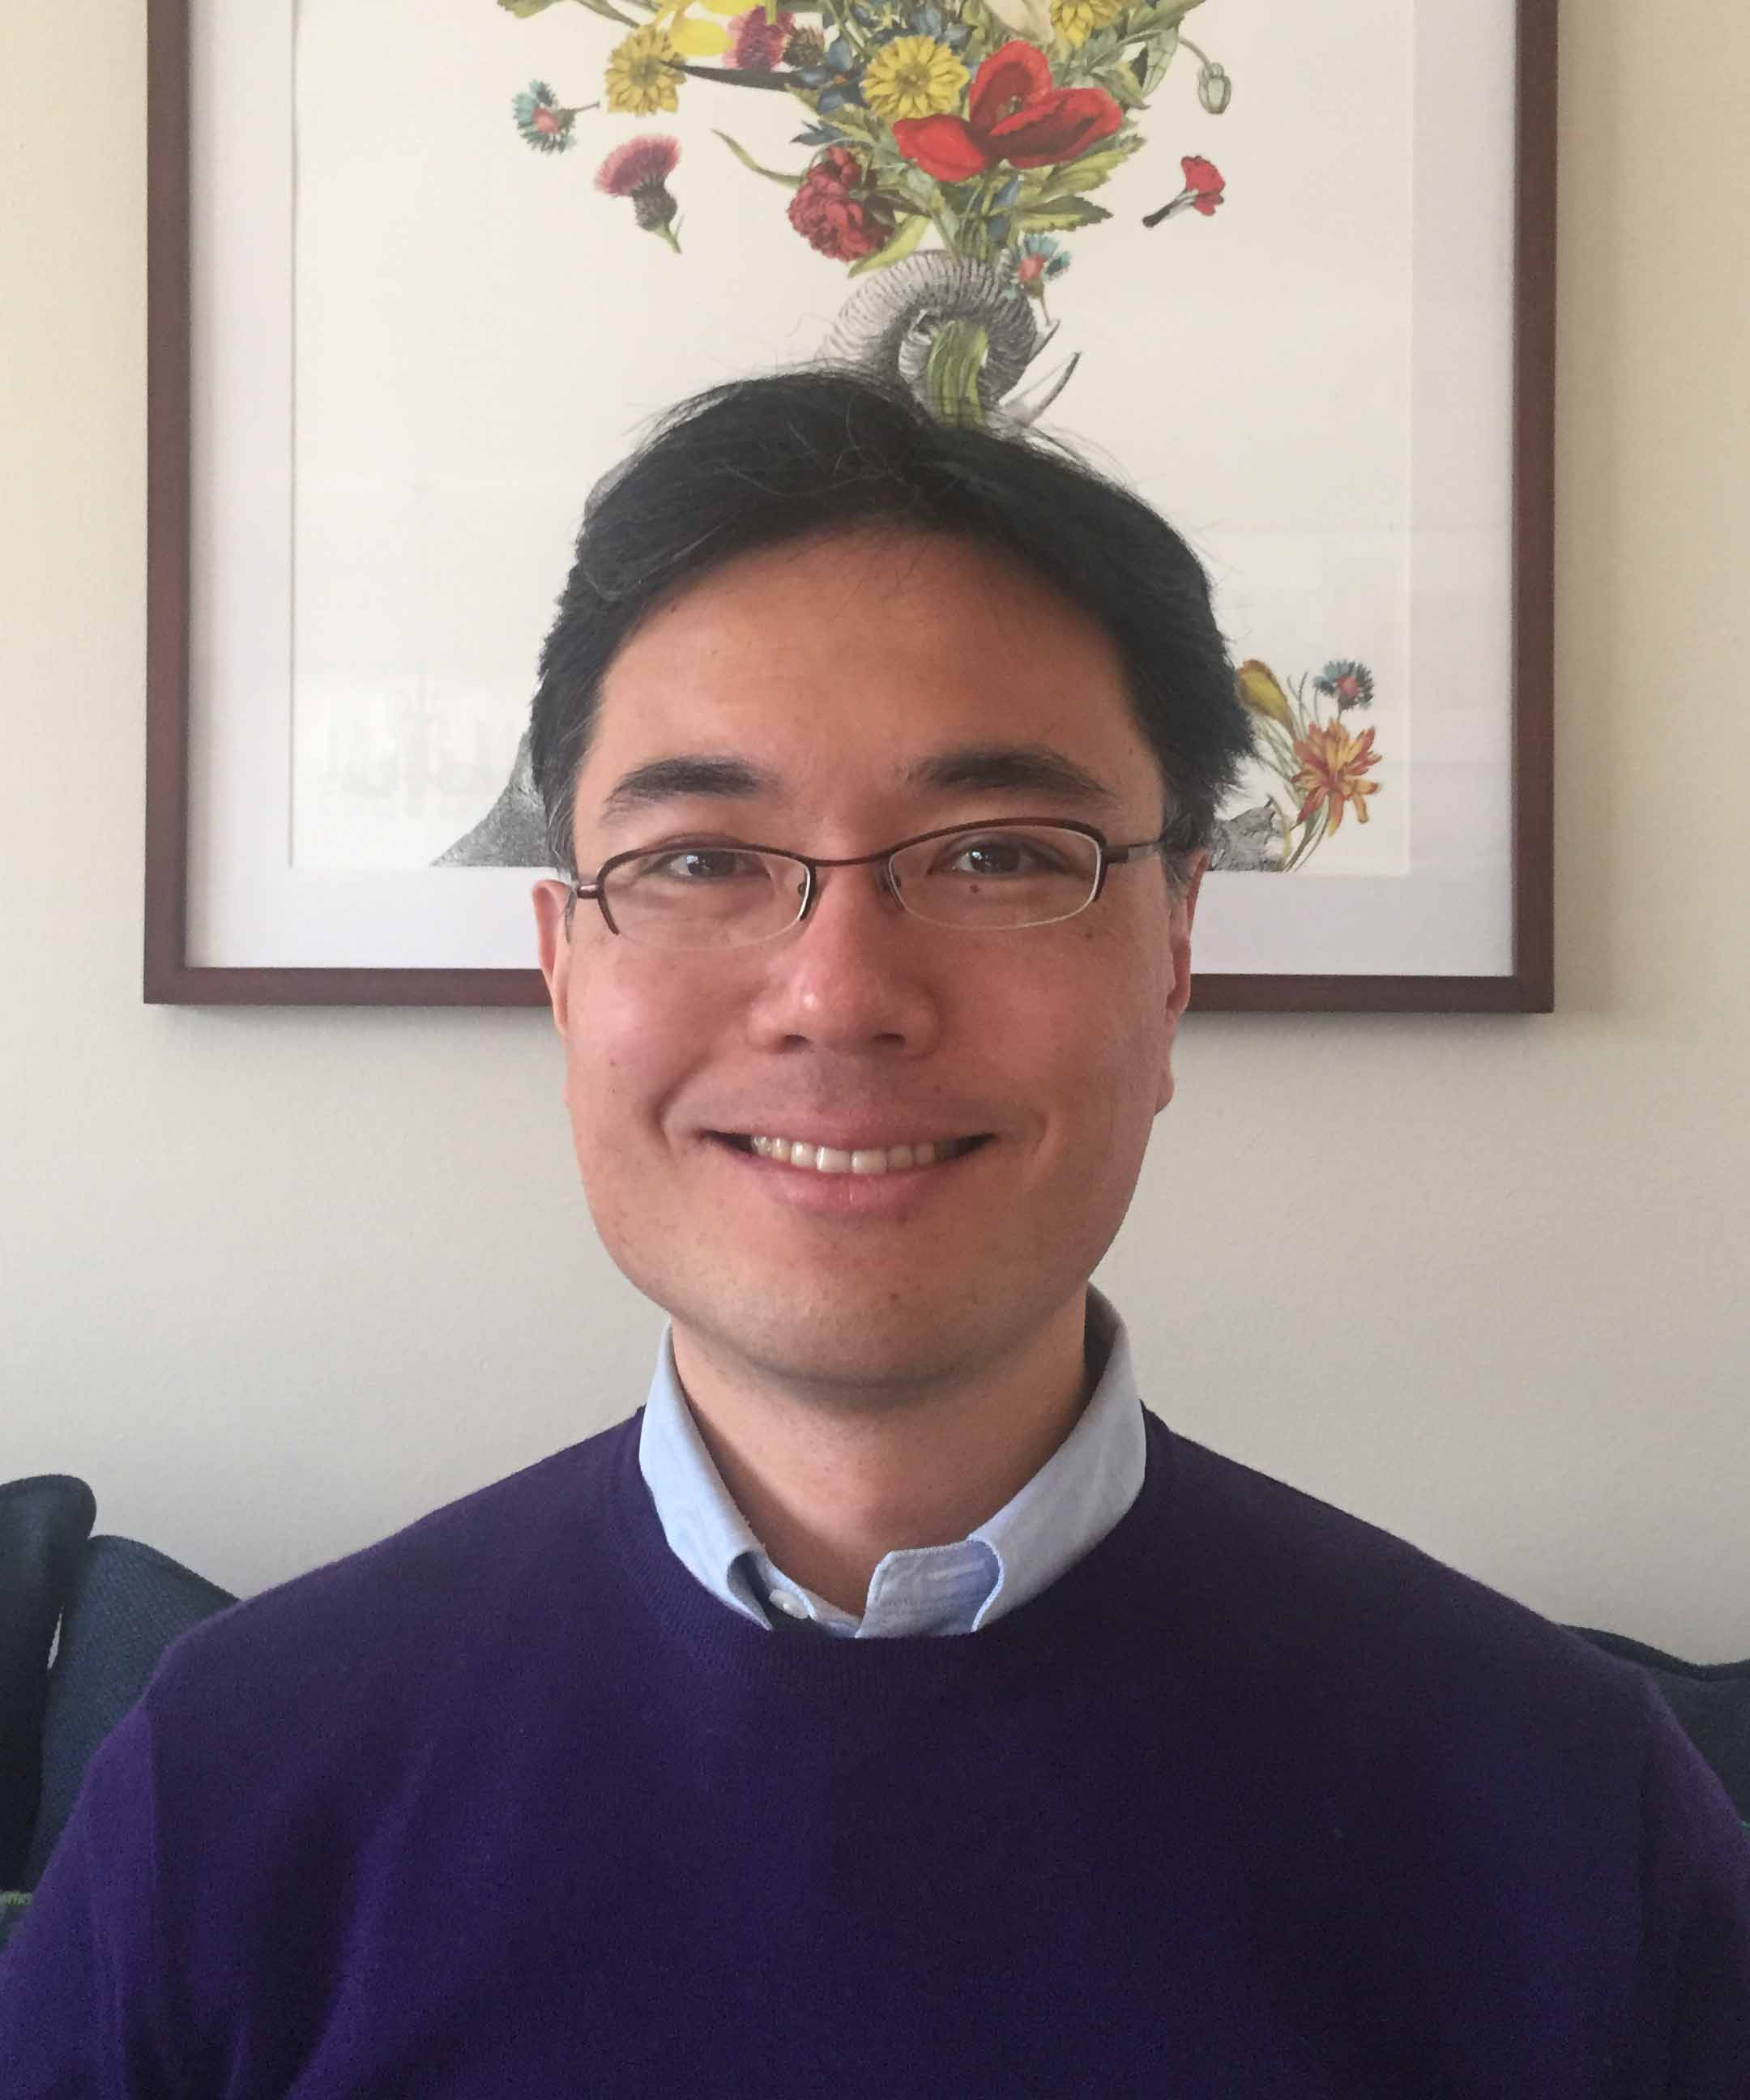 Portrait of Jun Yoshino